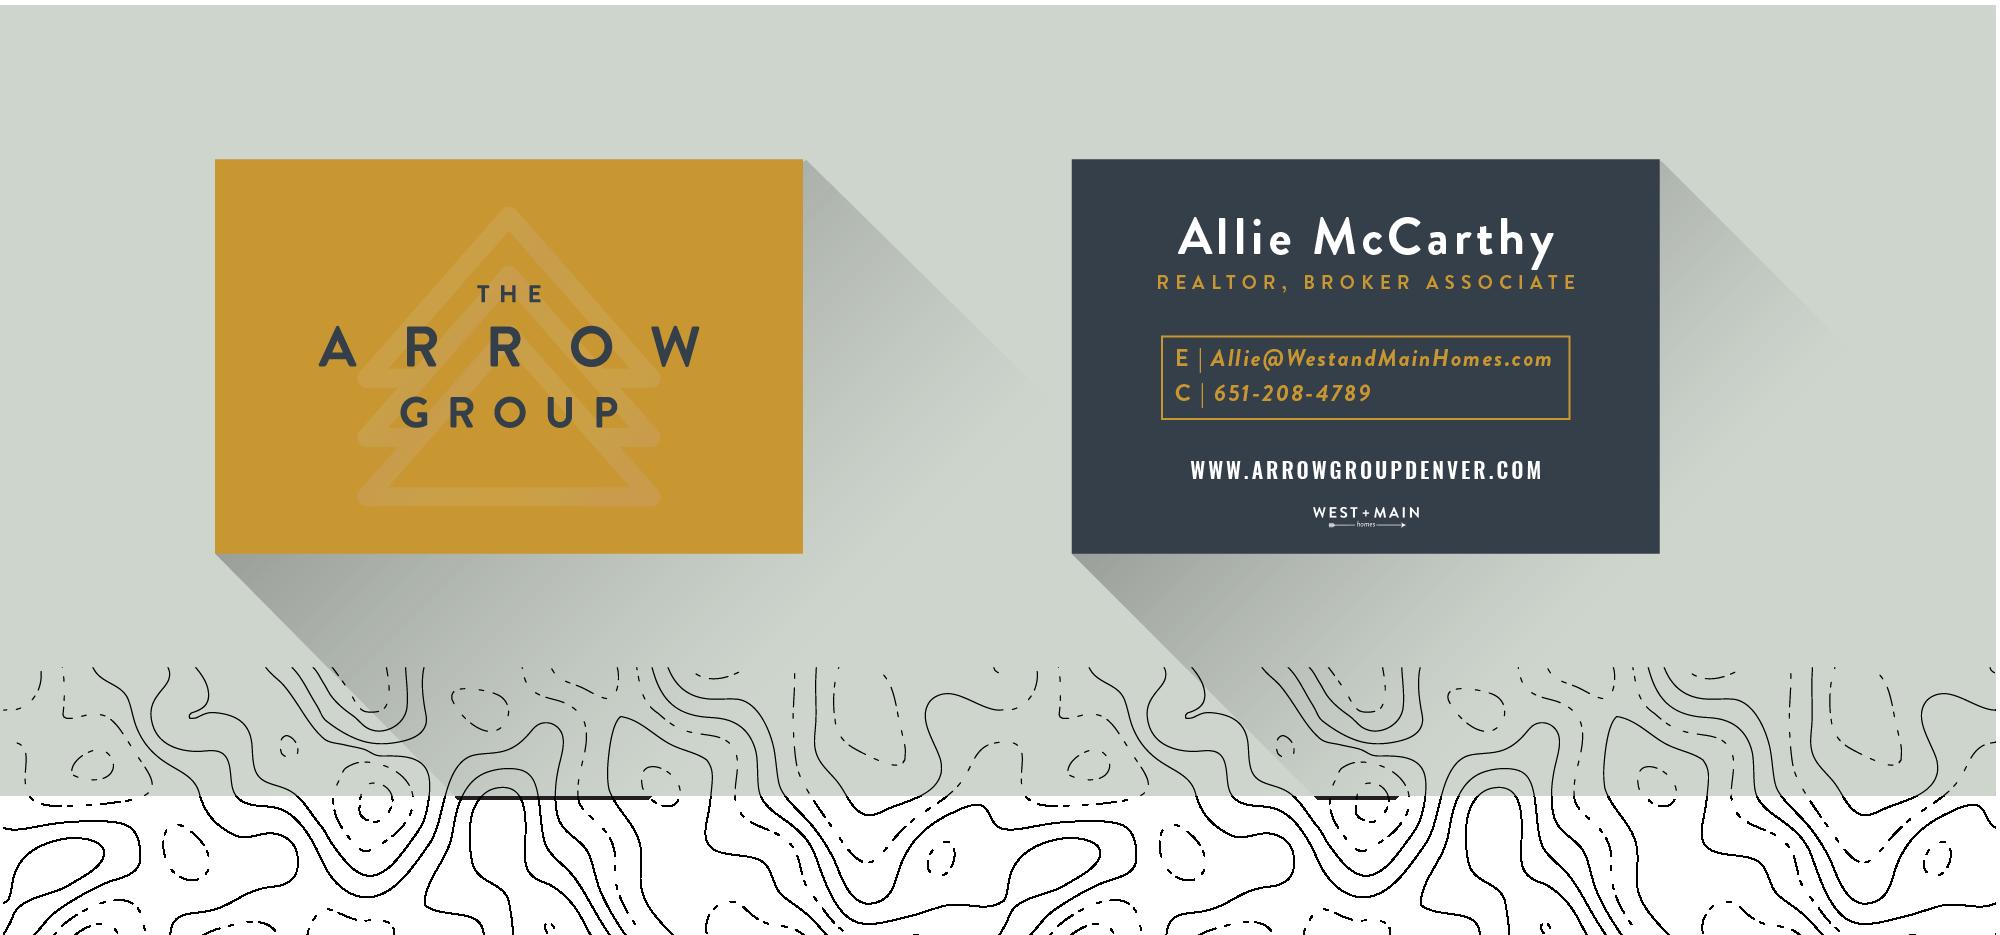 arrow-group-biz-cards.png